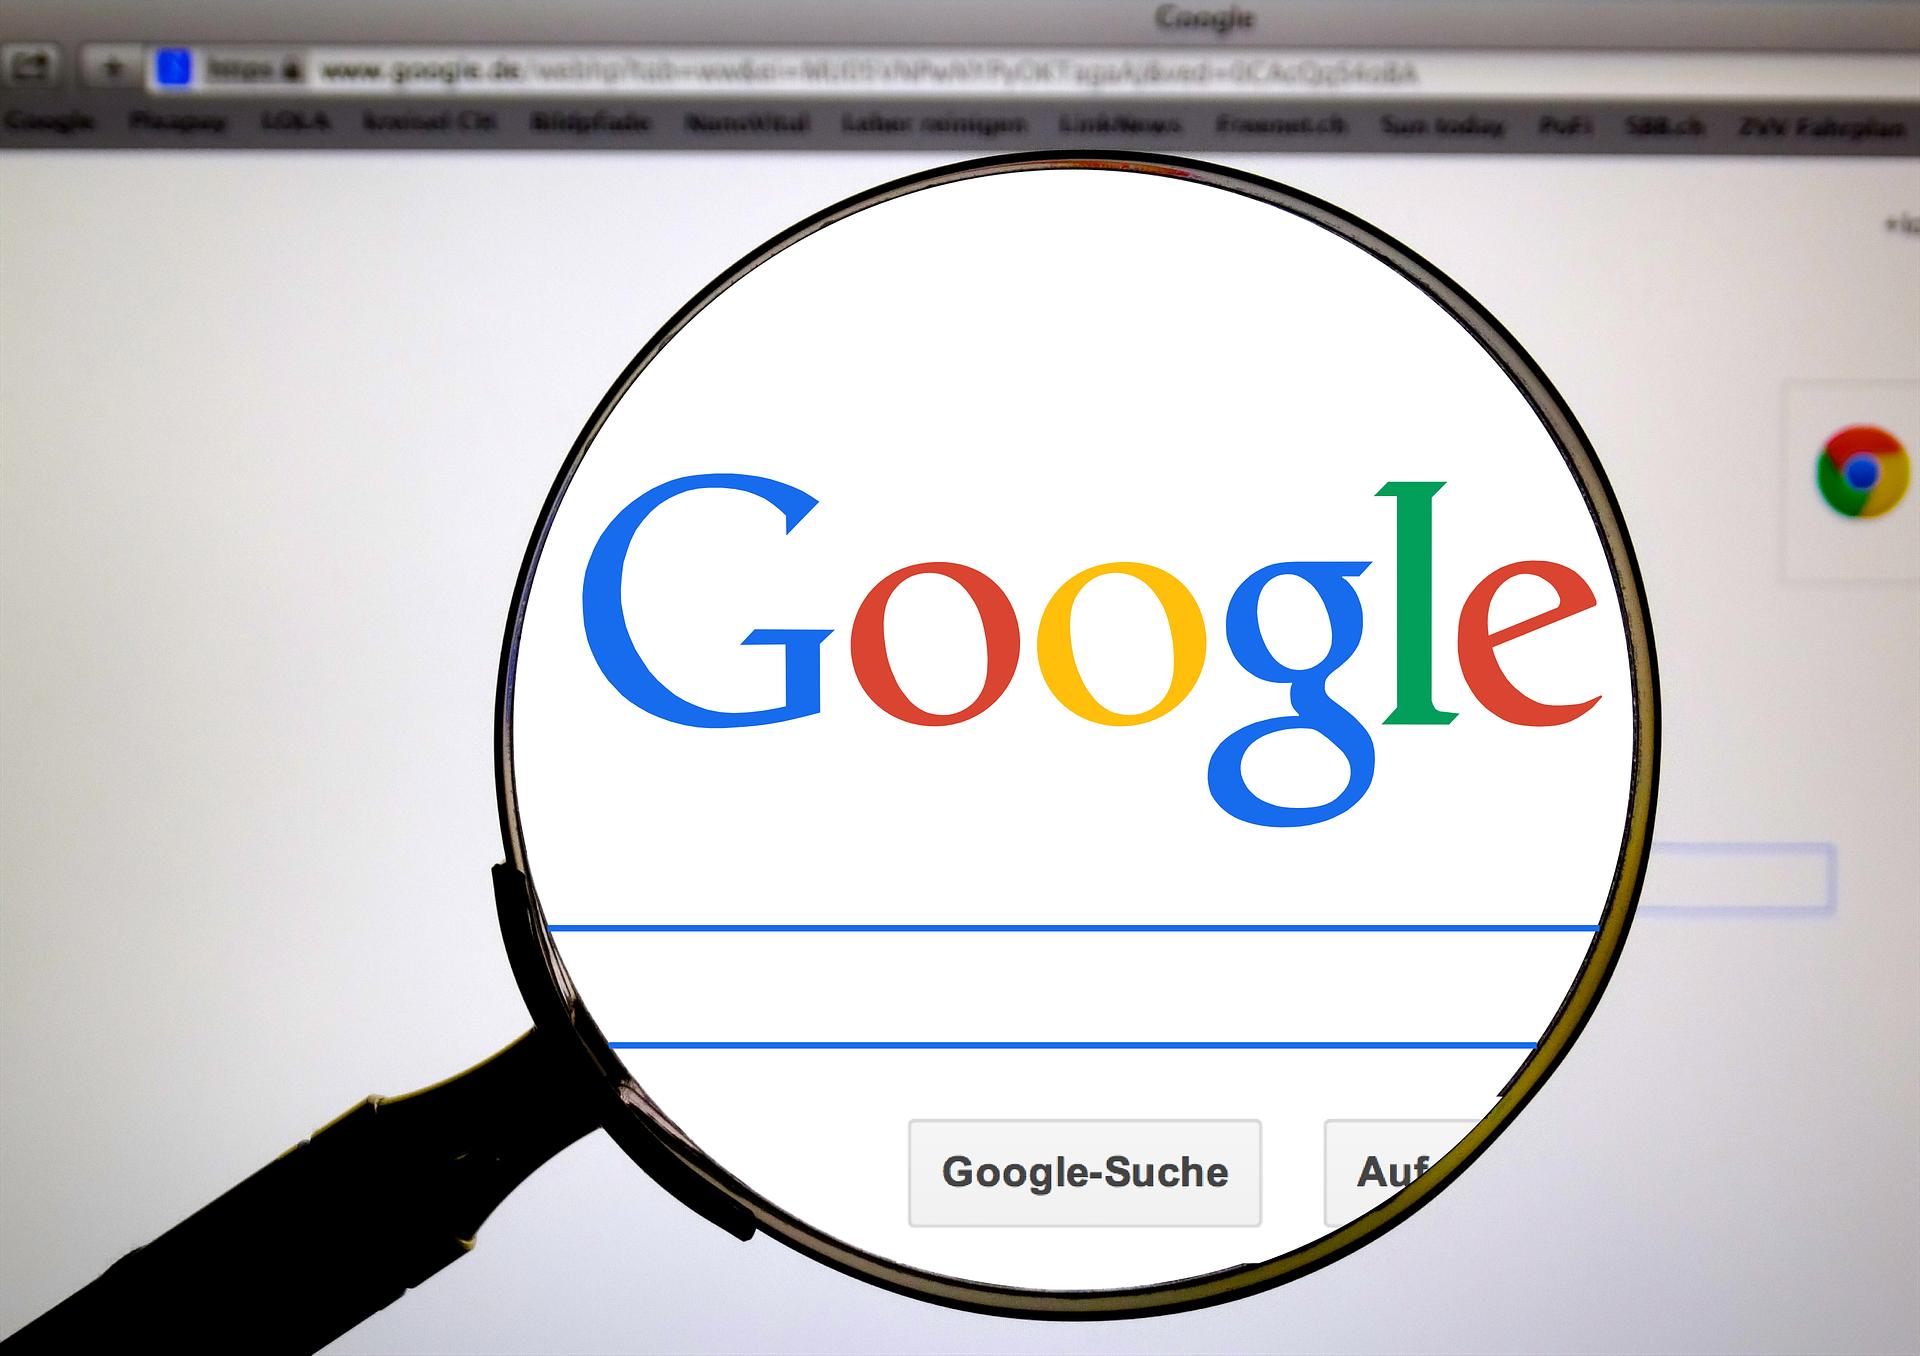 オンスやインチの単位換算は『Google』が最強最速だった!